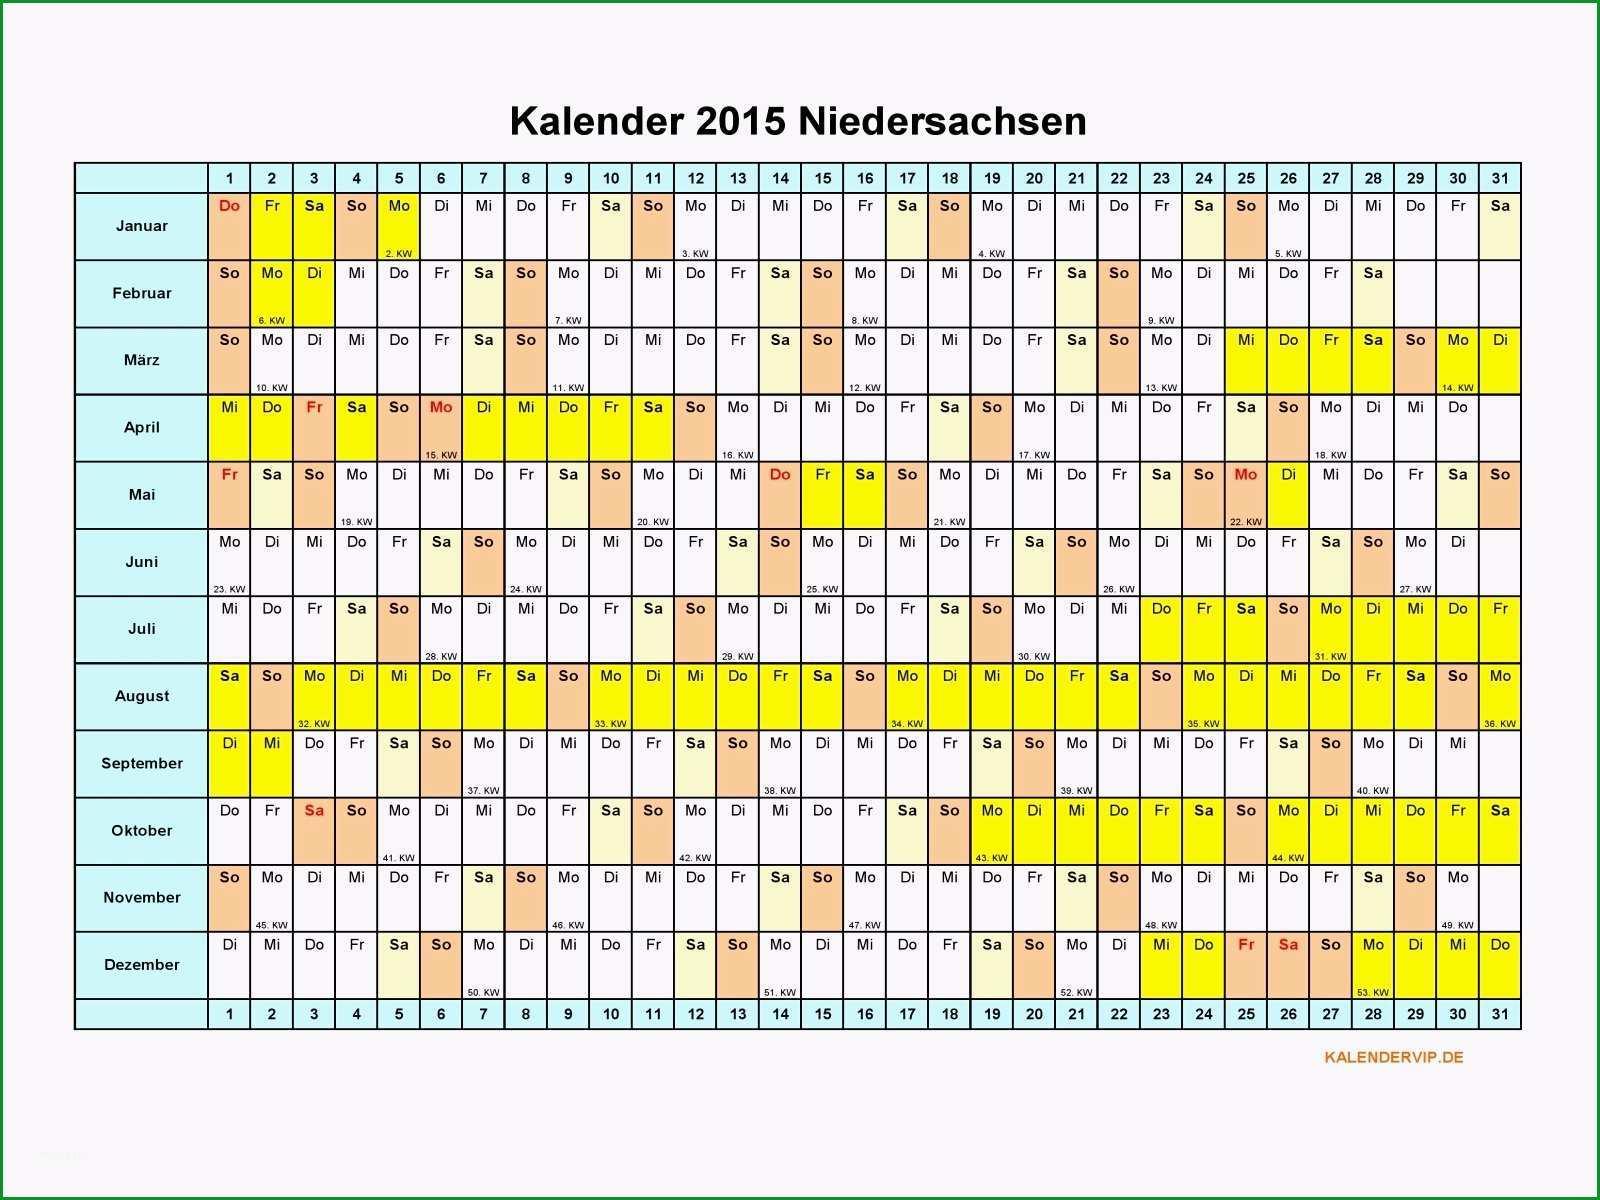 kalender 2015 niedersachsen